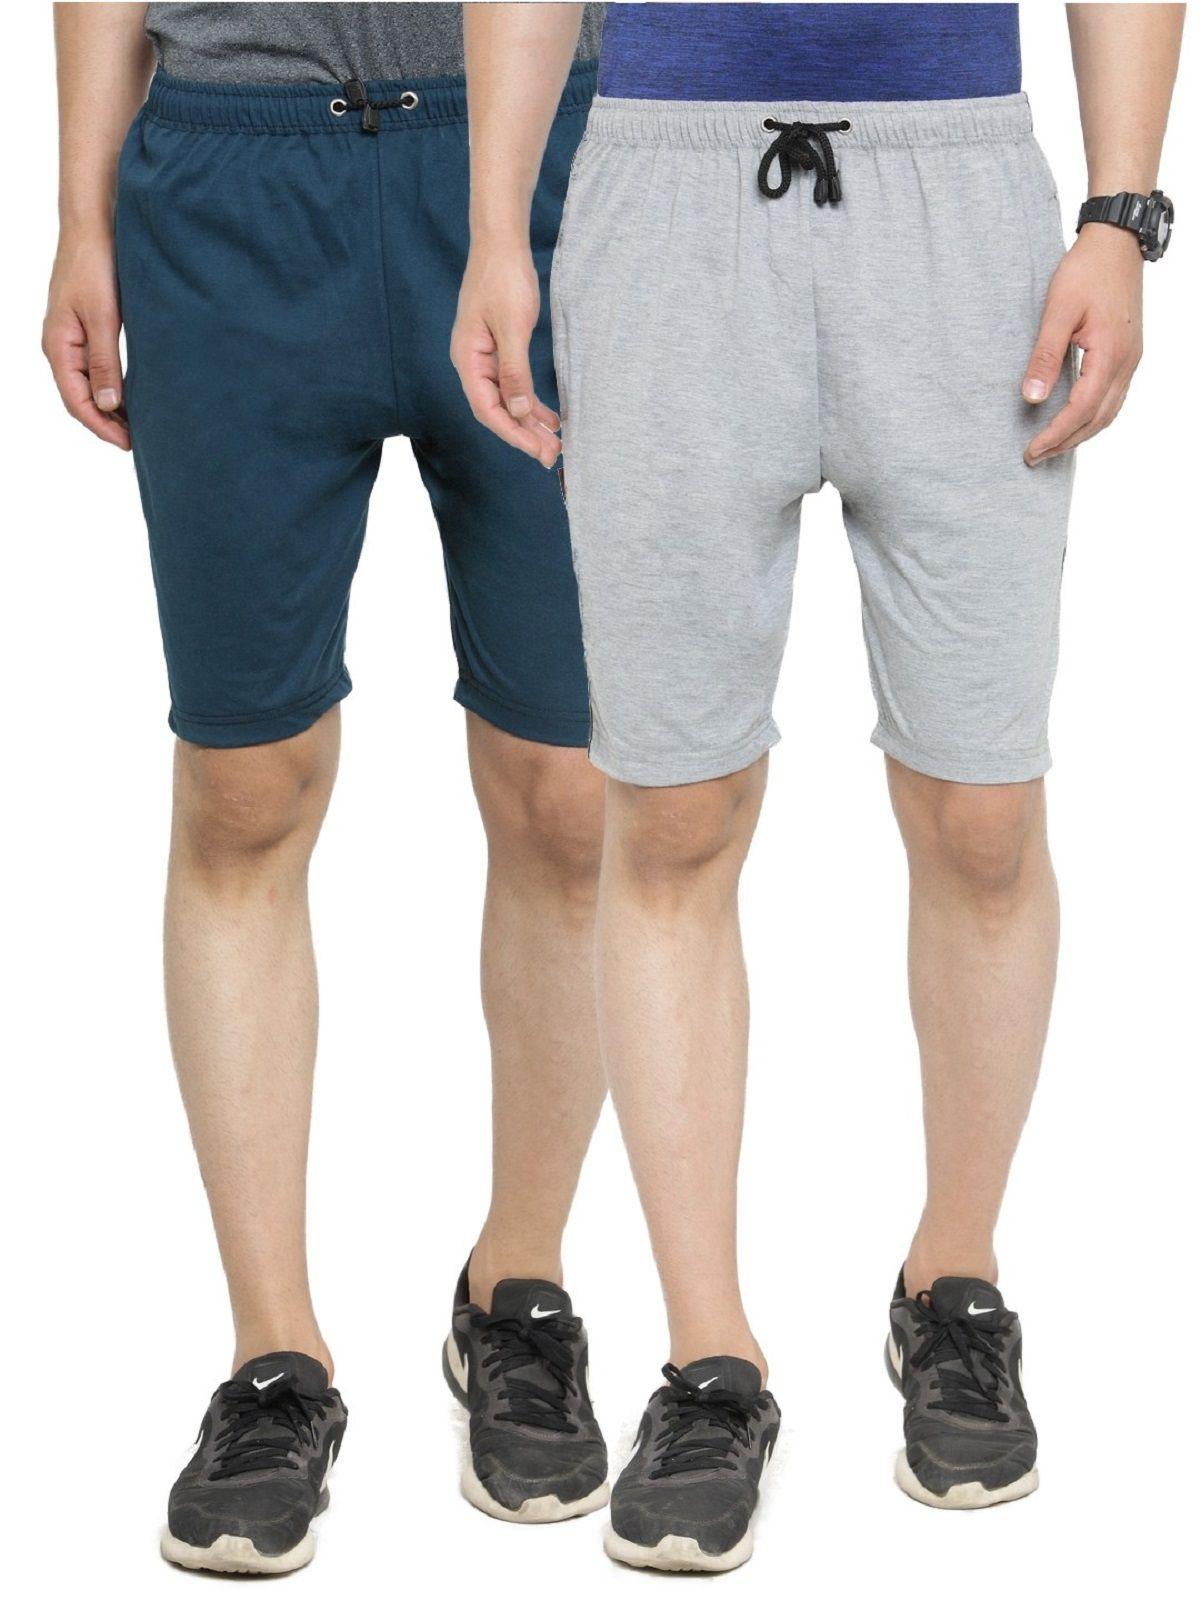 SPYFI Multi Shorts